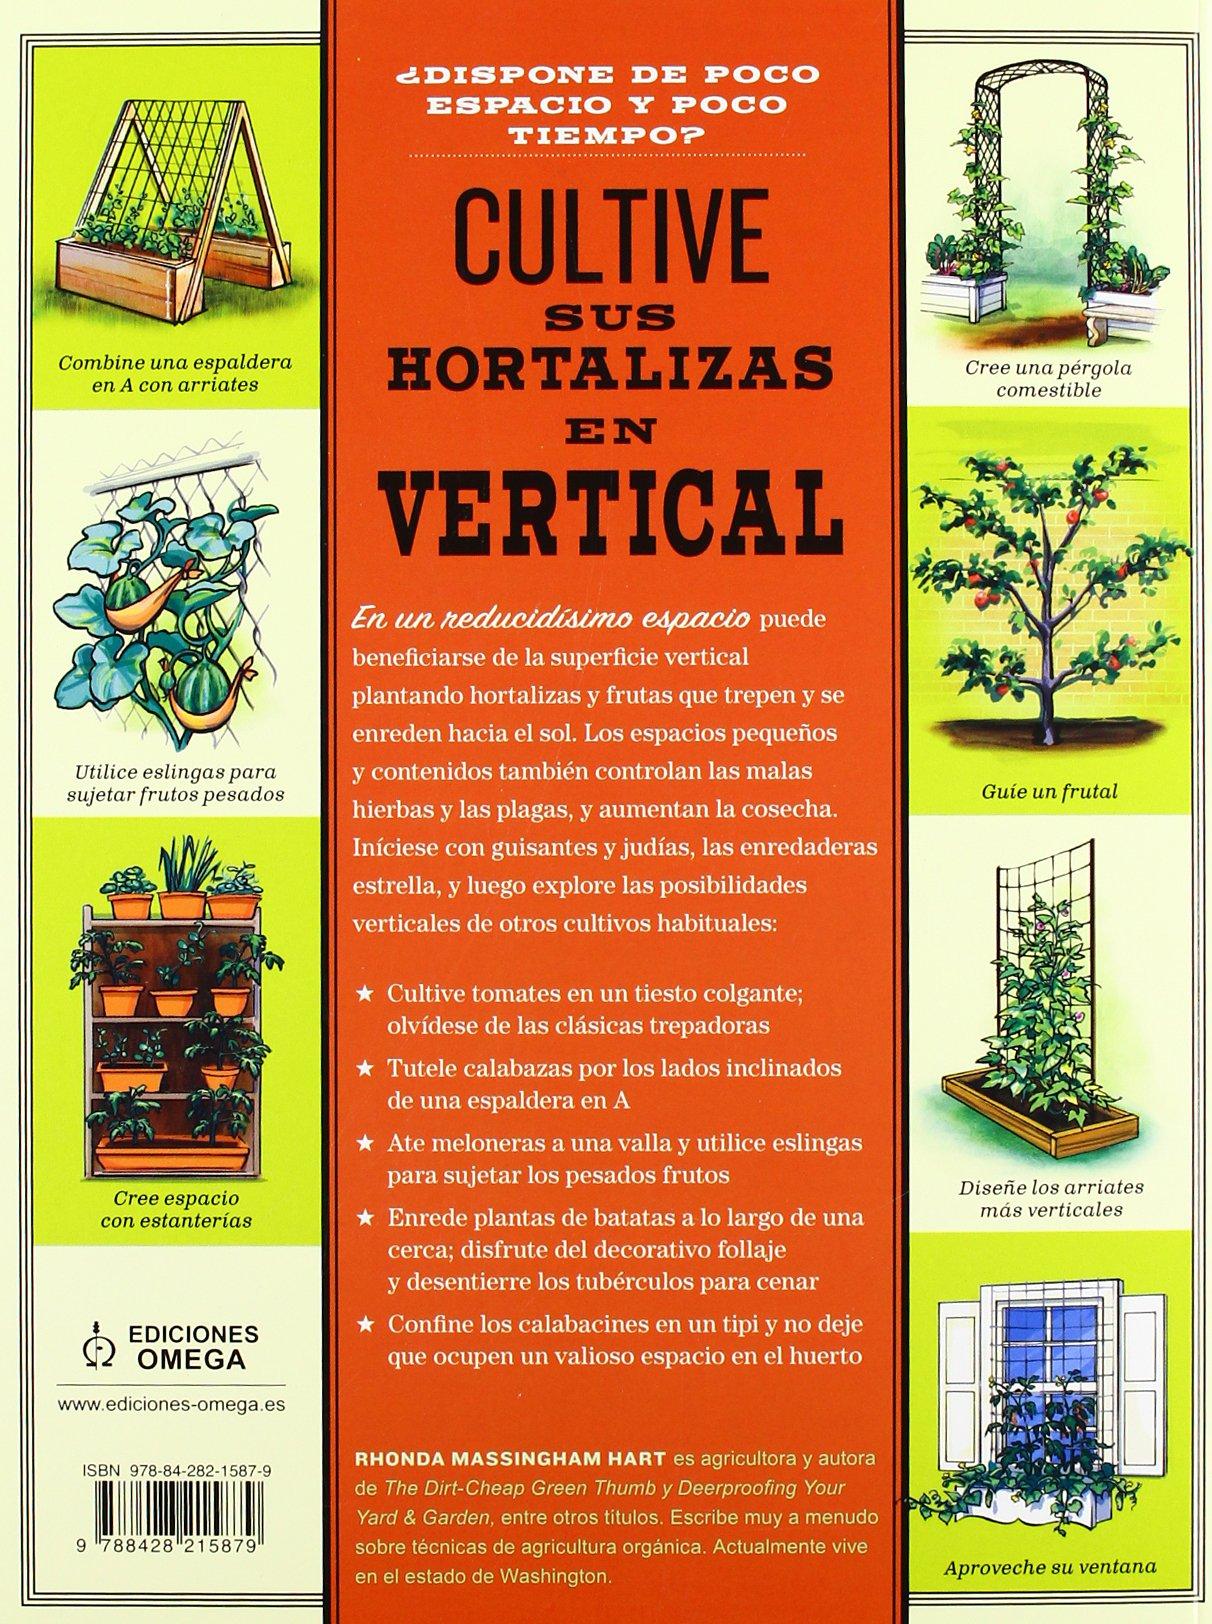 EL CULTIVO VERTICAL. HORTALIZAS Y FRUTAS: Técnicas de horticultura creativa para pequeños espacios: Rhonda Massingham: 9788428215879: Amazon.com: Books